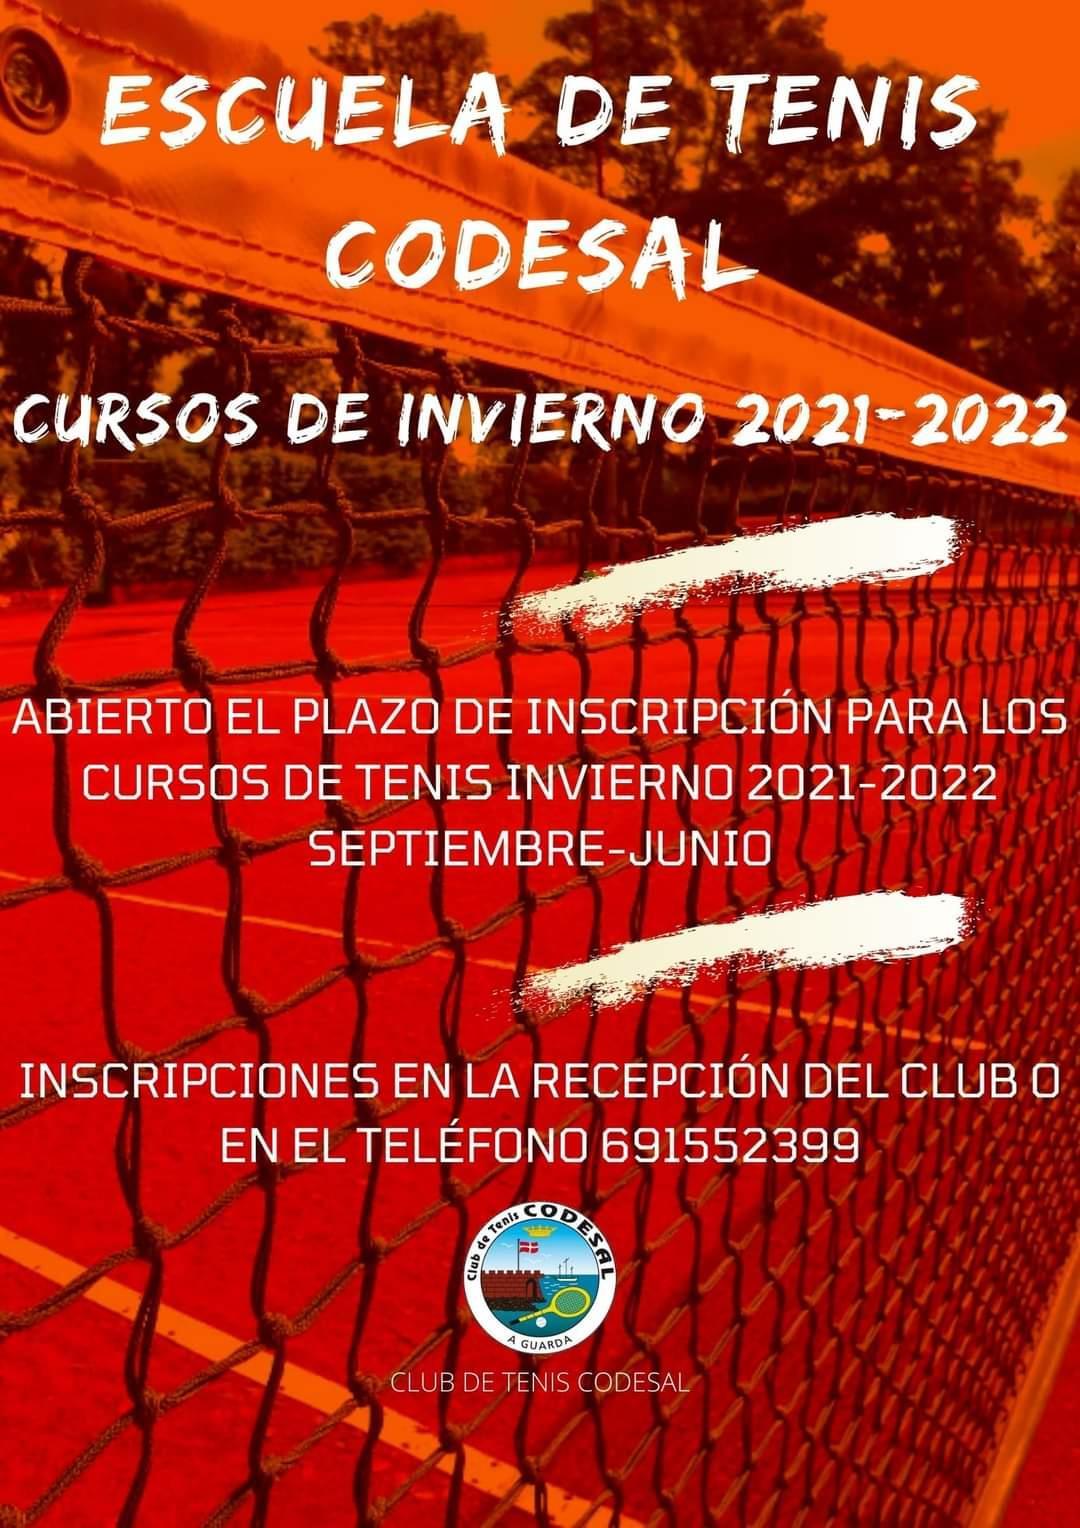 Cursos de invierno 2021 – 2022 Escuela de Tenis Codesal